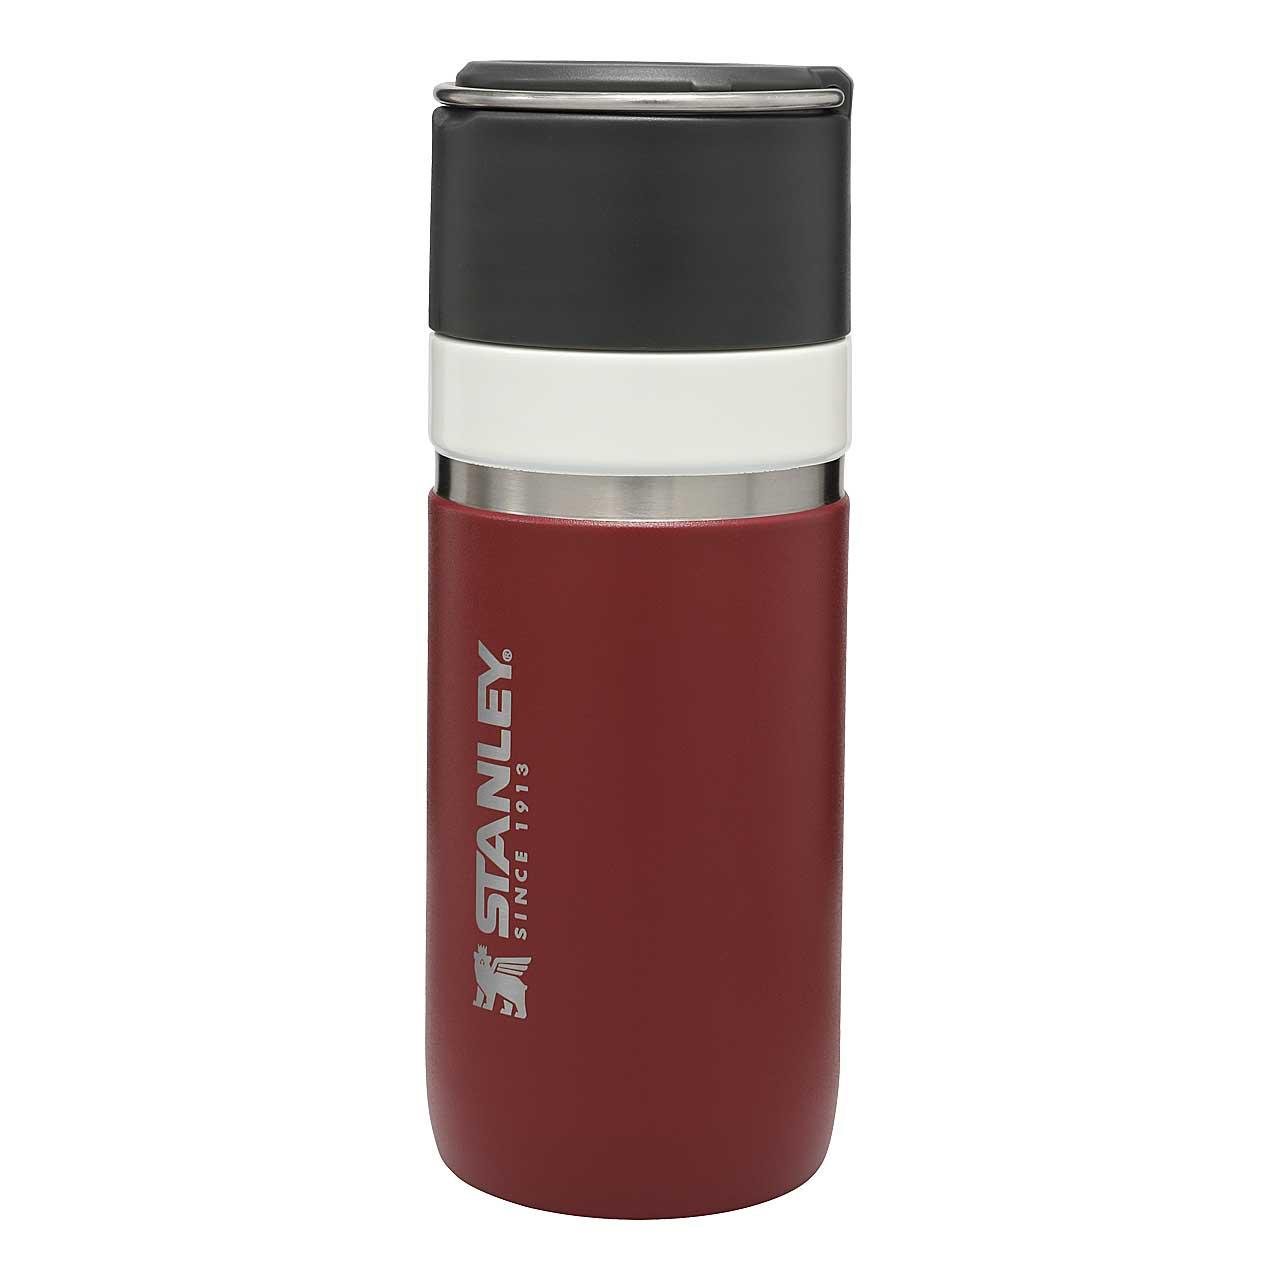 Go Series Vacuum Bottle Ceramivac 473 ml - Cranberry